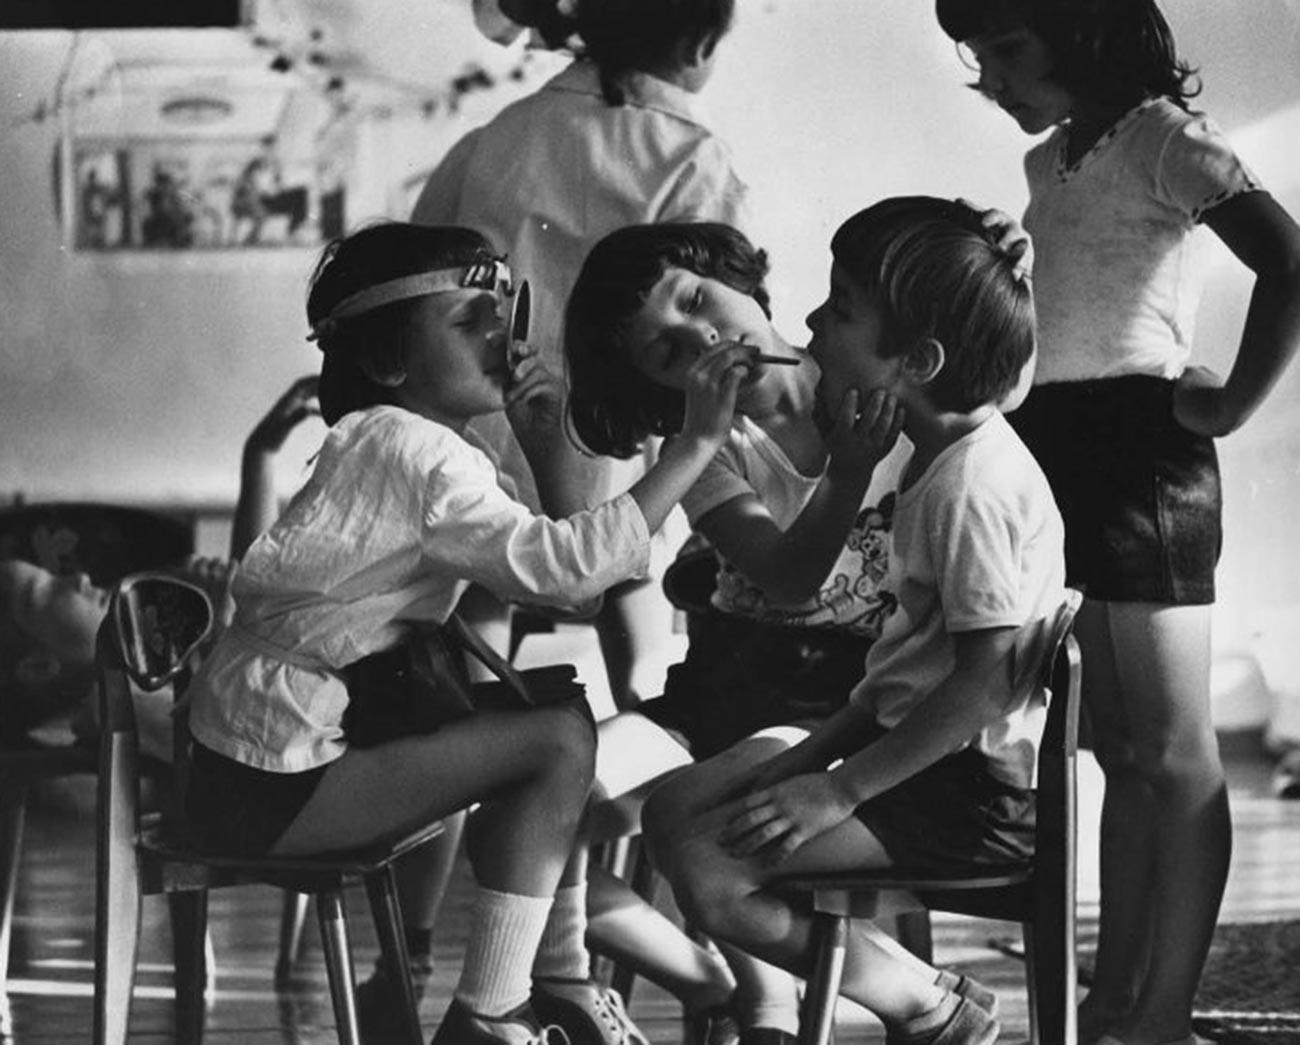 Zahnarzt spielen. Kindergarten, 1985